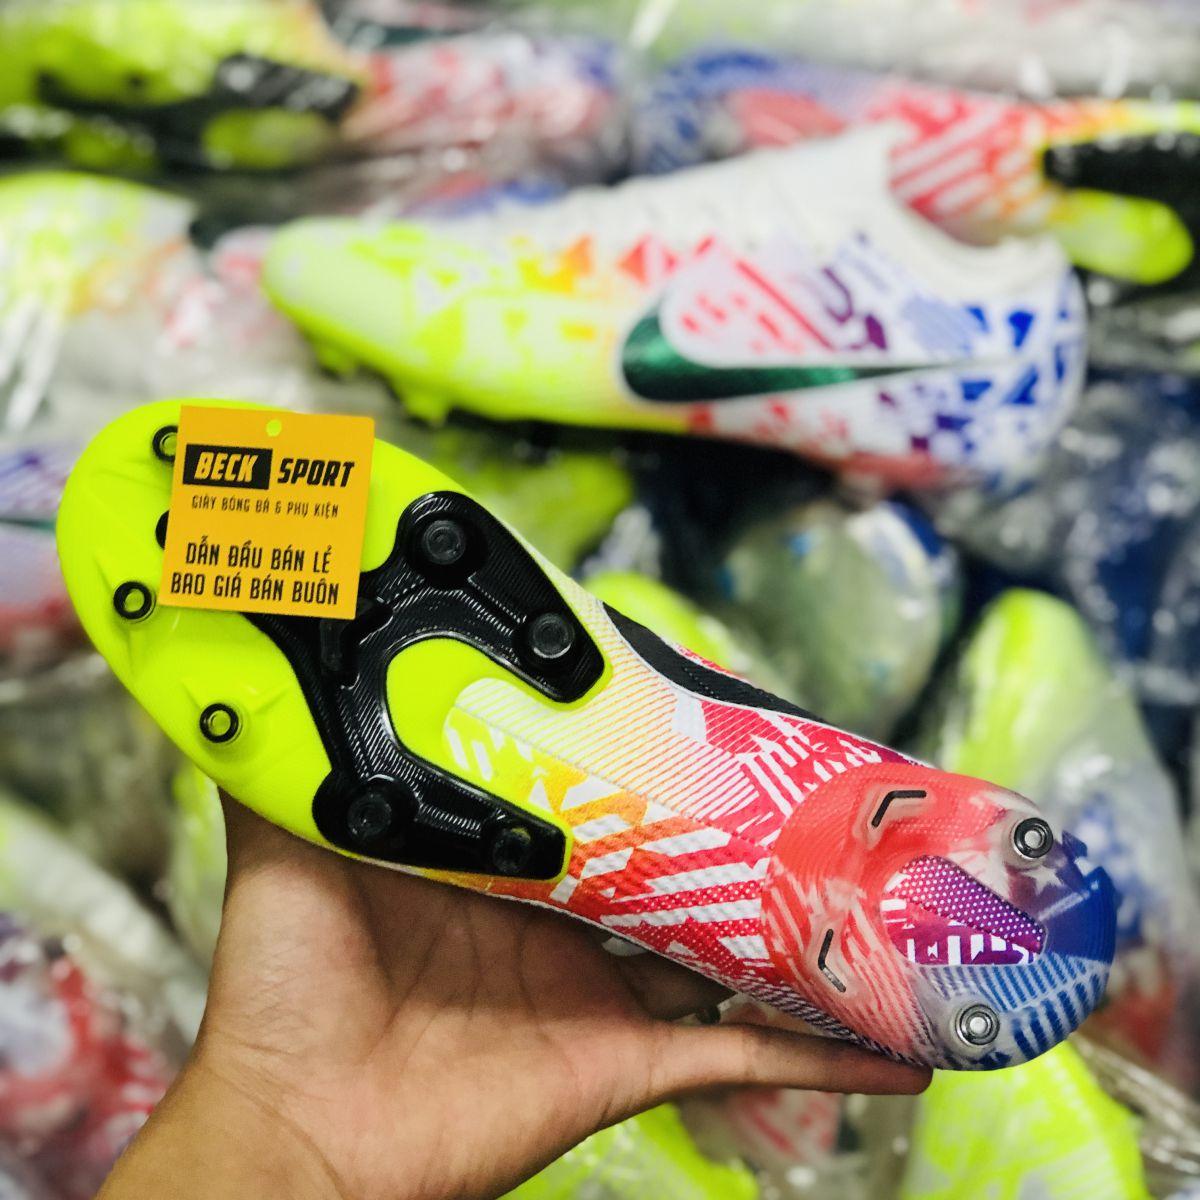 Giày Bóng Đá Nike Mercurial Vapor 13 Elite Neymar Nõn Chuối Đỏ Xanh Biển Vạch Đen AG